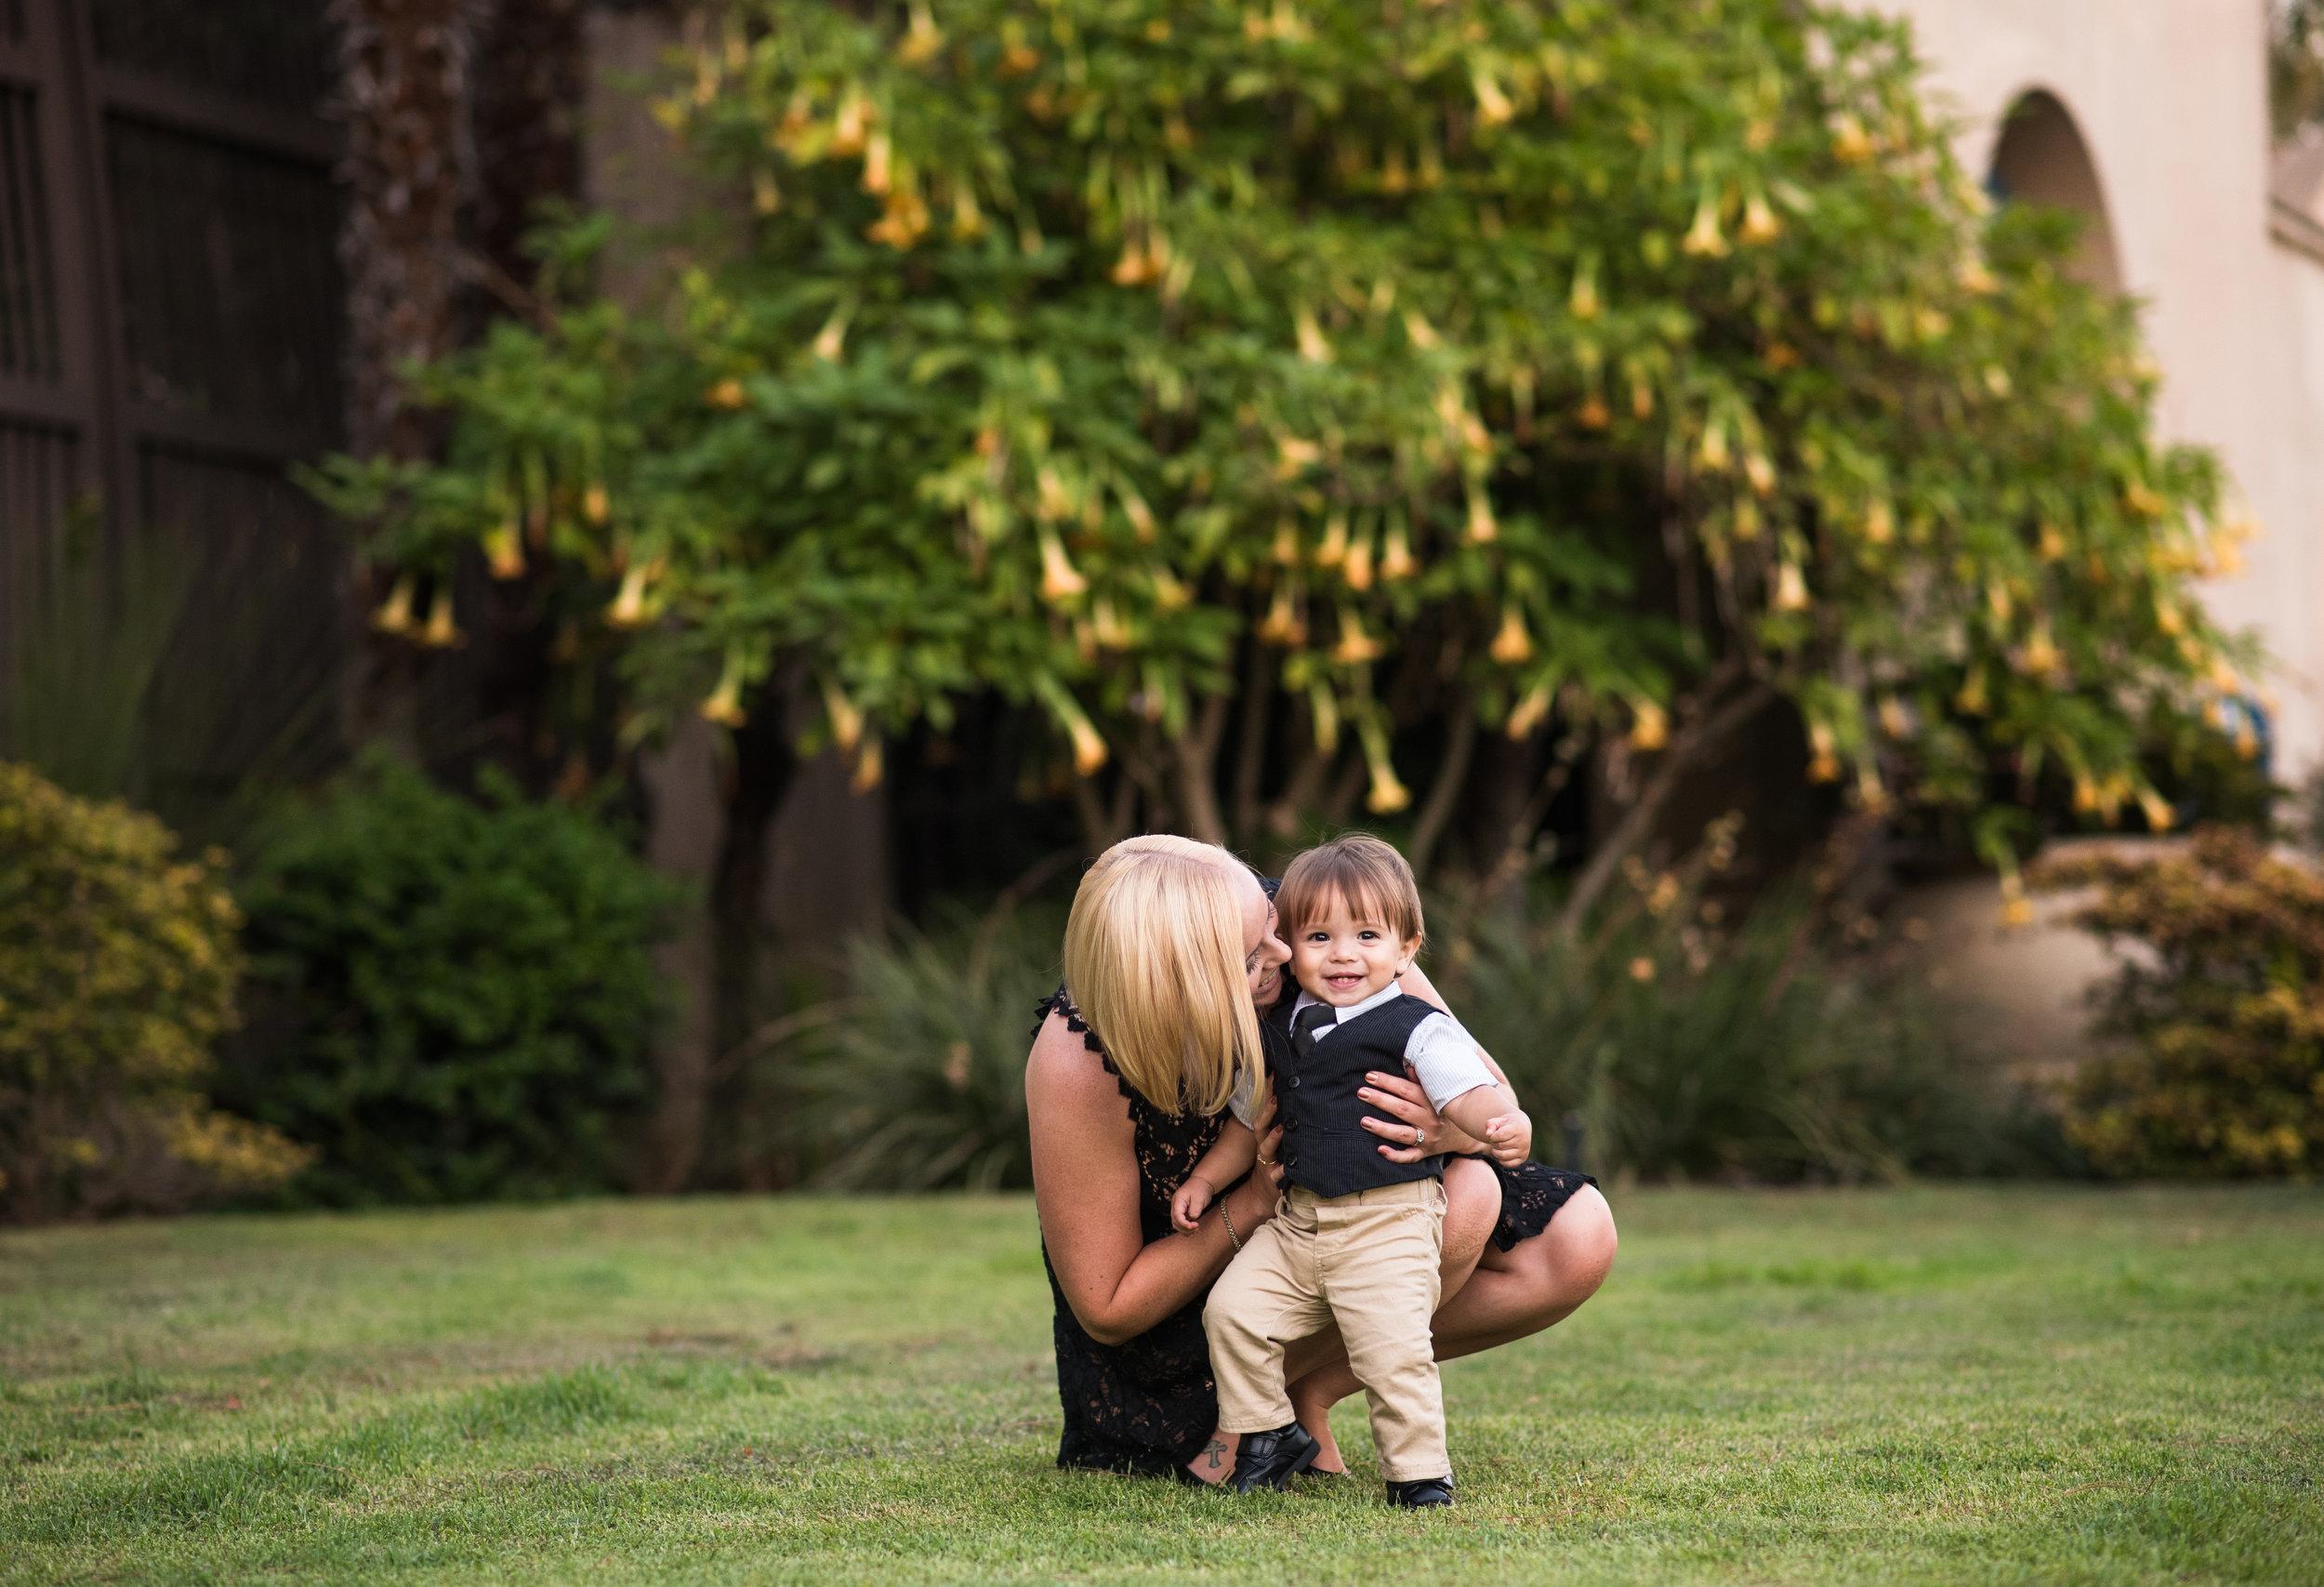 San Diego Park Portrait Photography by Rachel Dale Photography